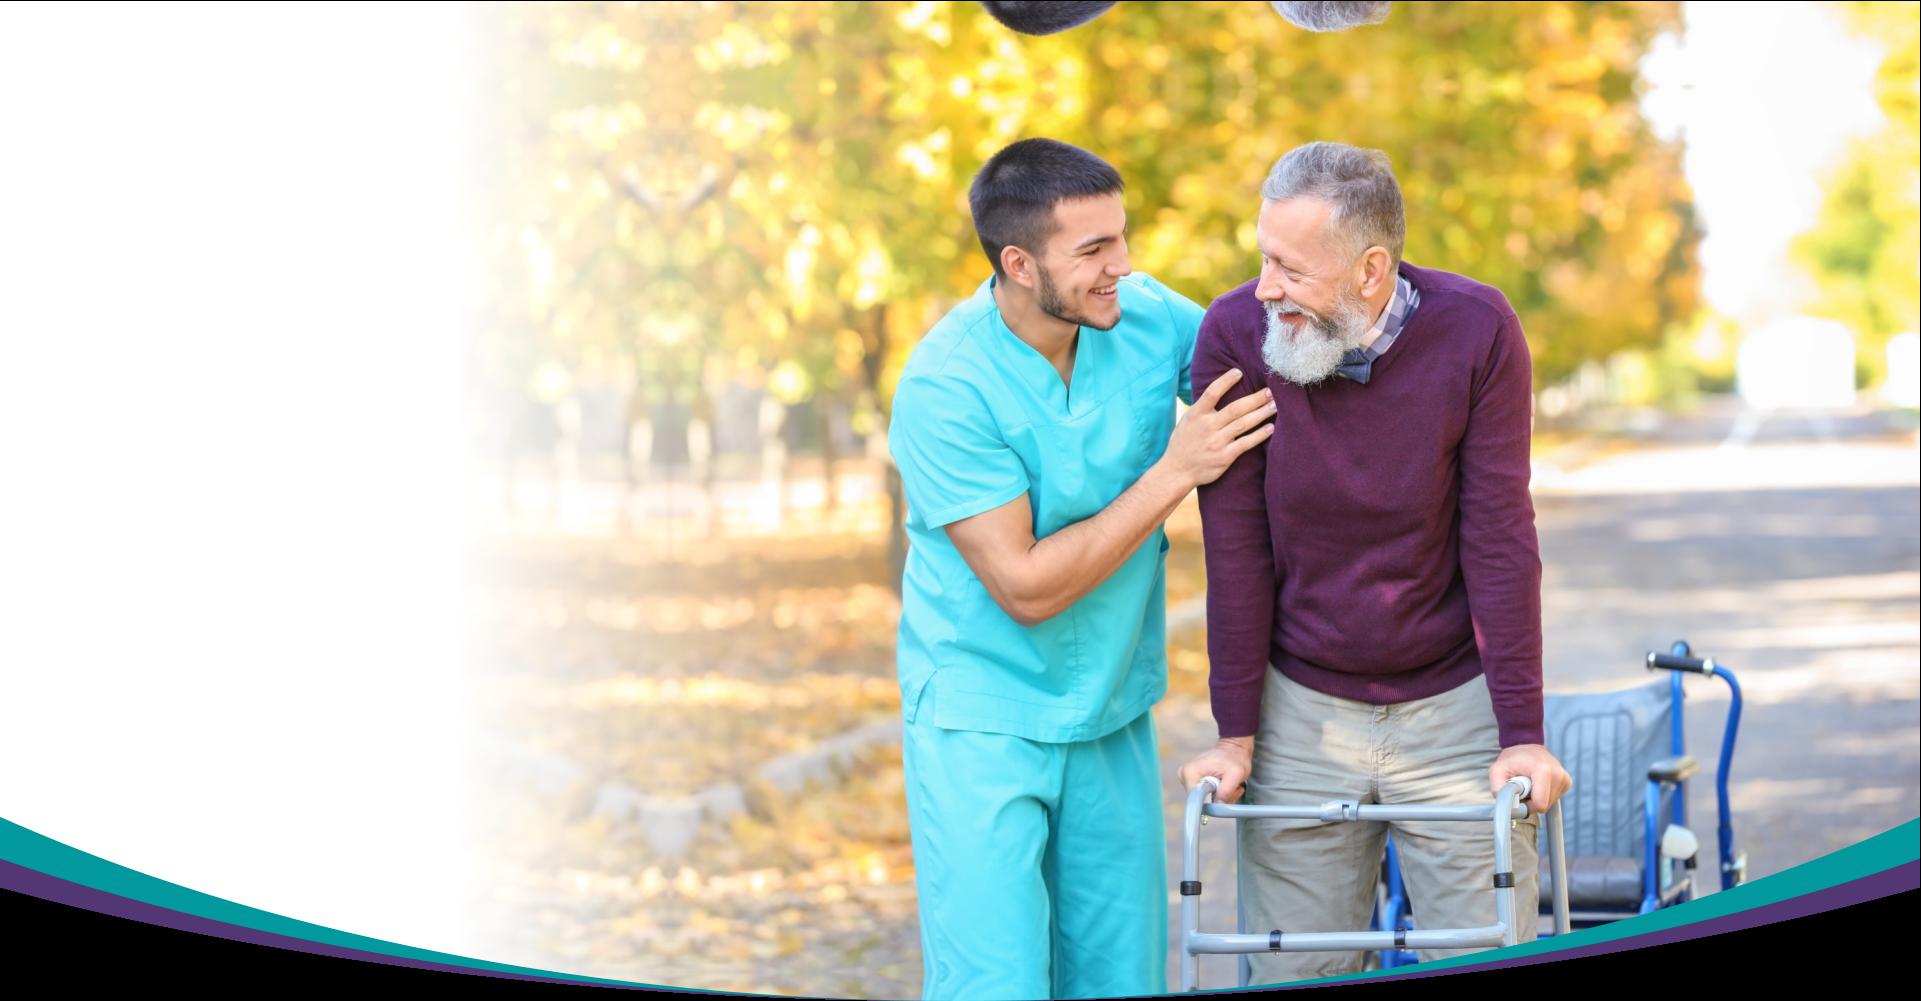 caretaker helps elder man with walker